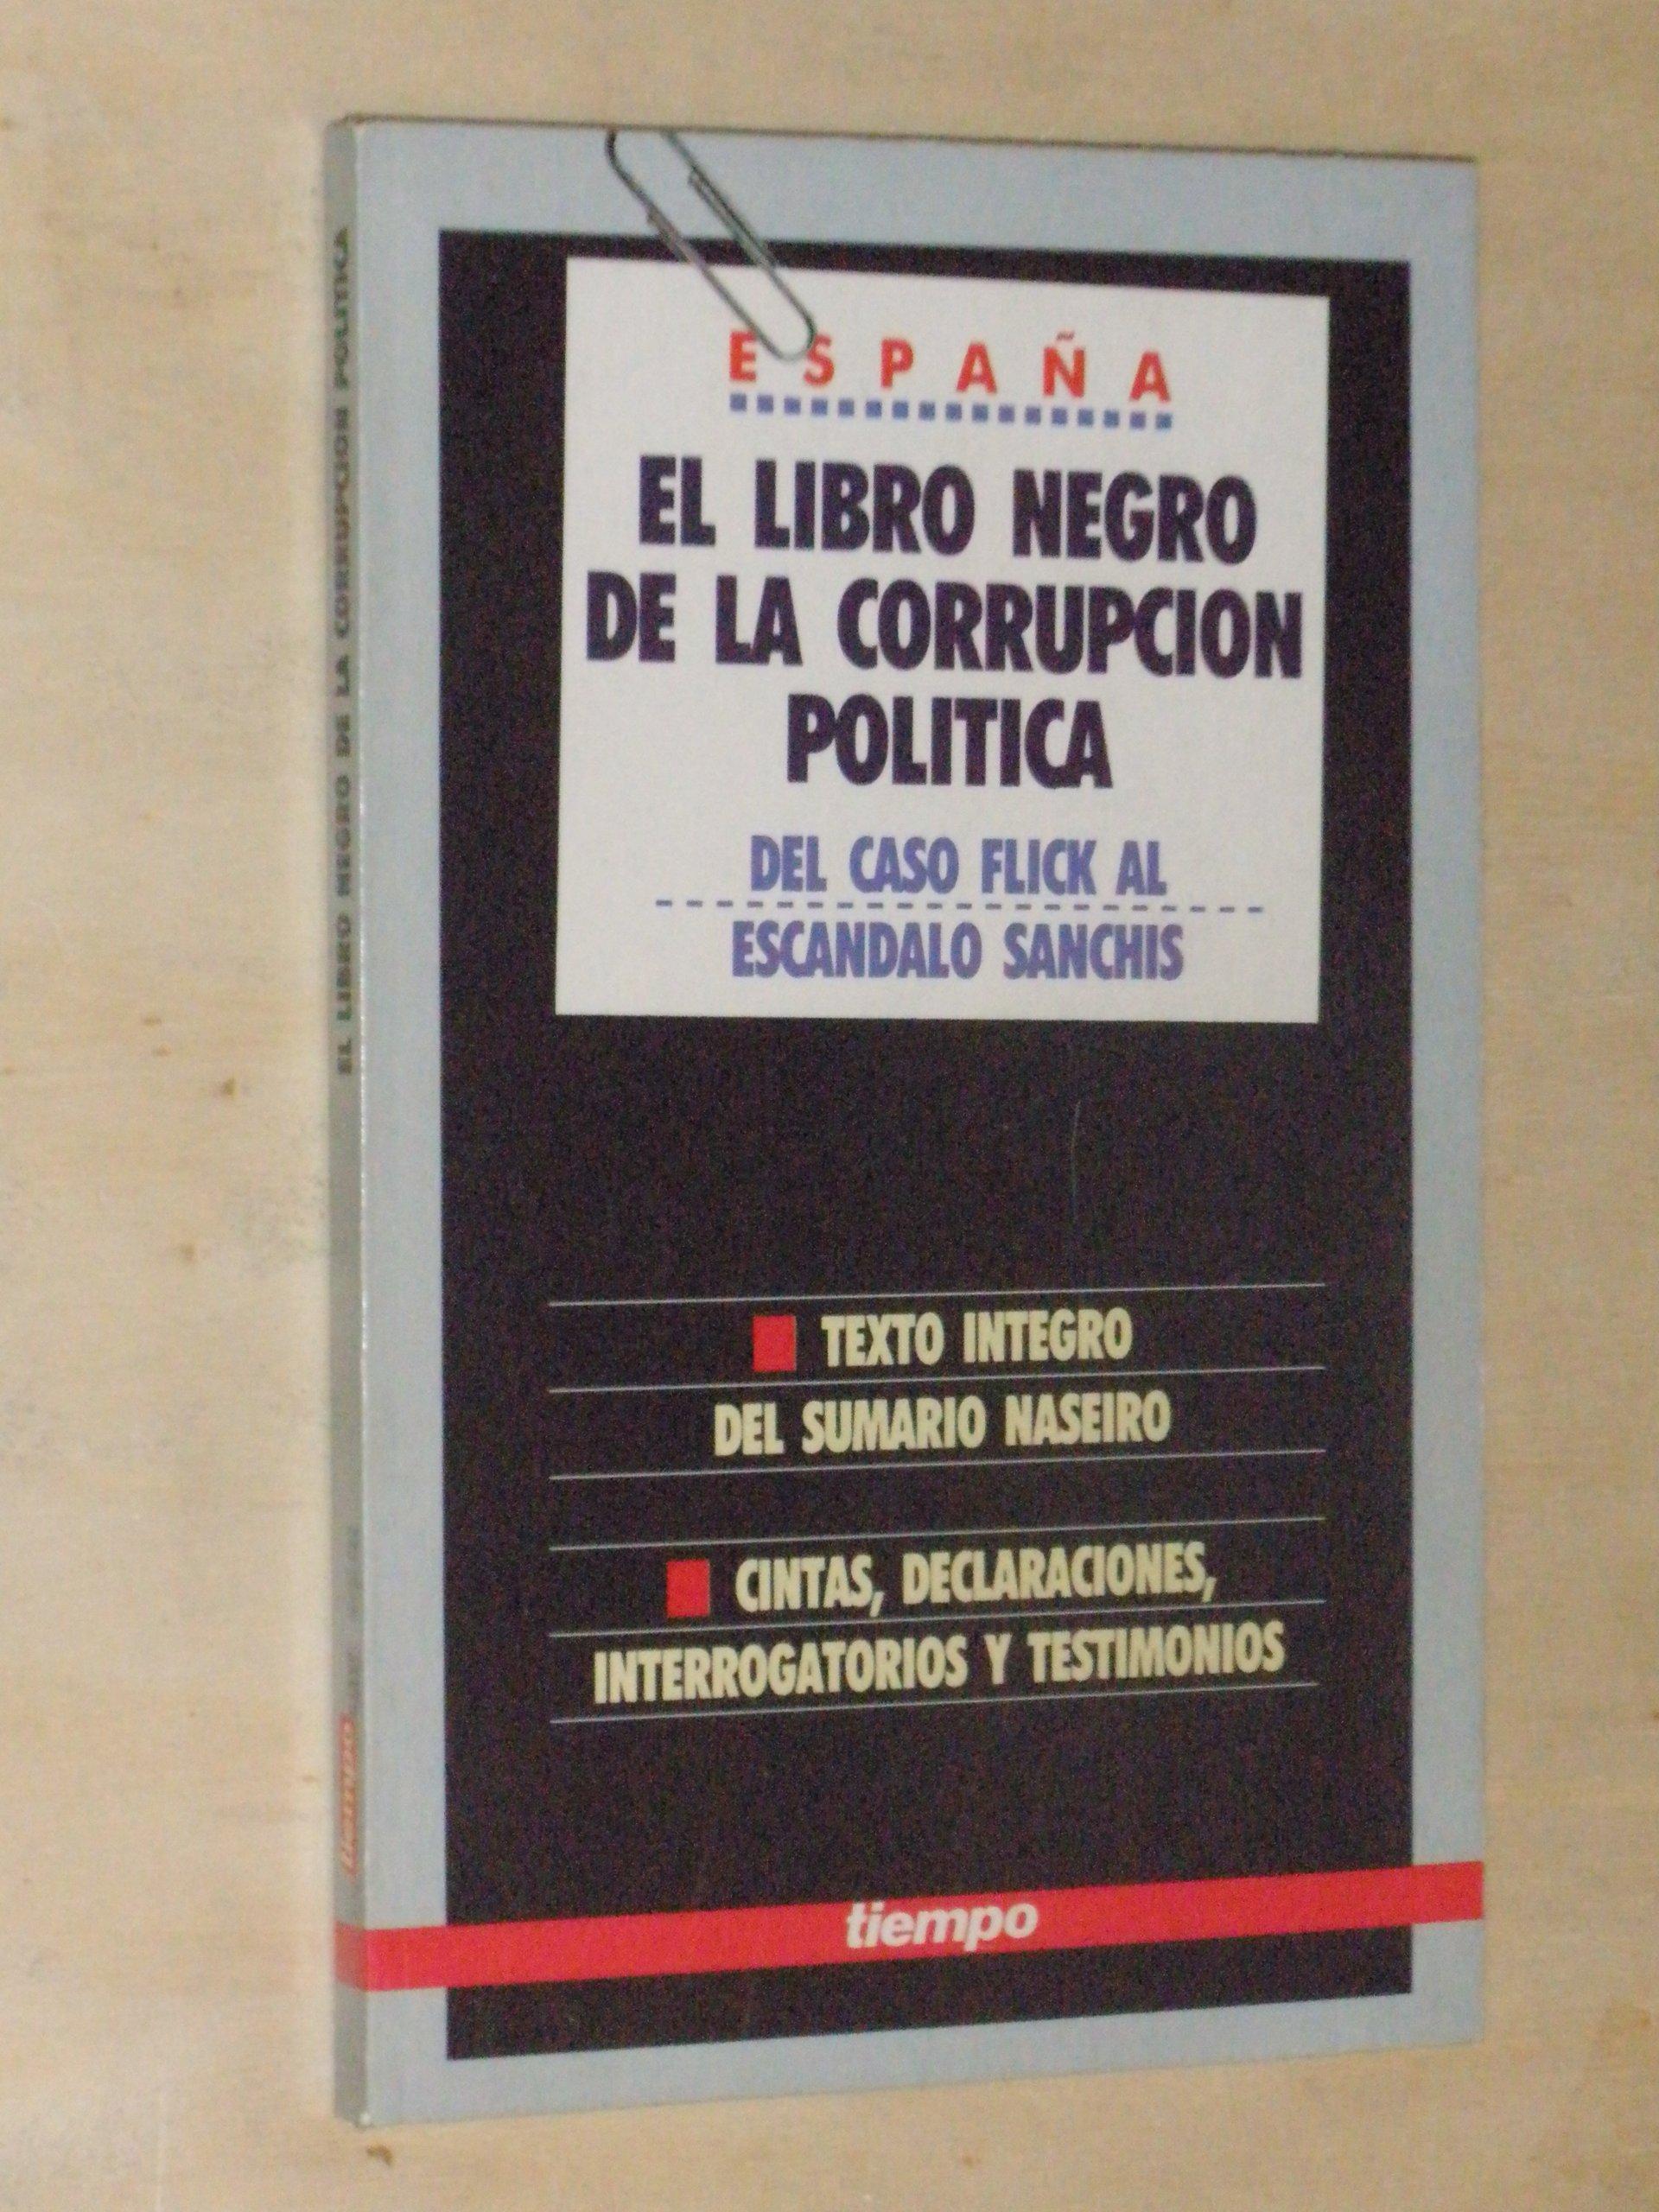 EL LIBRO NEGRO DE LA CORRUPCIÓN POLÍTICA EN ESPAÑA - Del caso Flick al escándalo Sanchís: Amazon.es: Mariano Sánchez: Libros